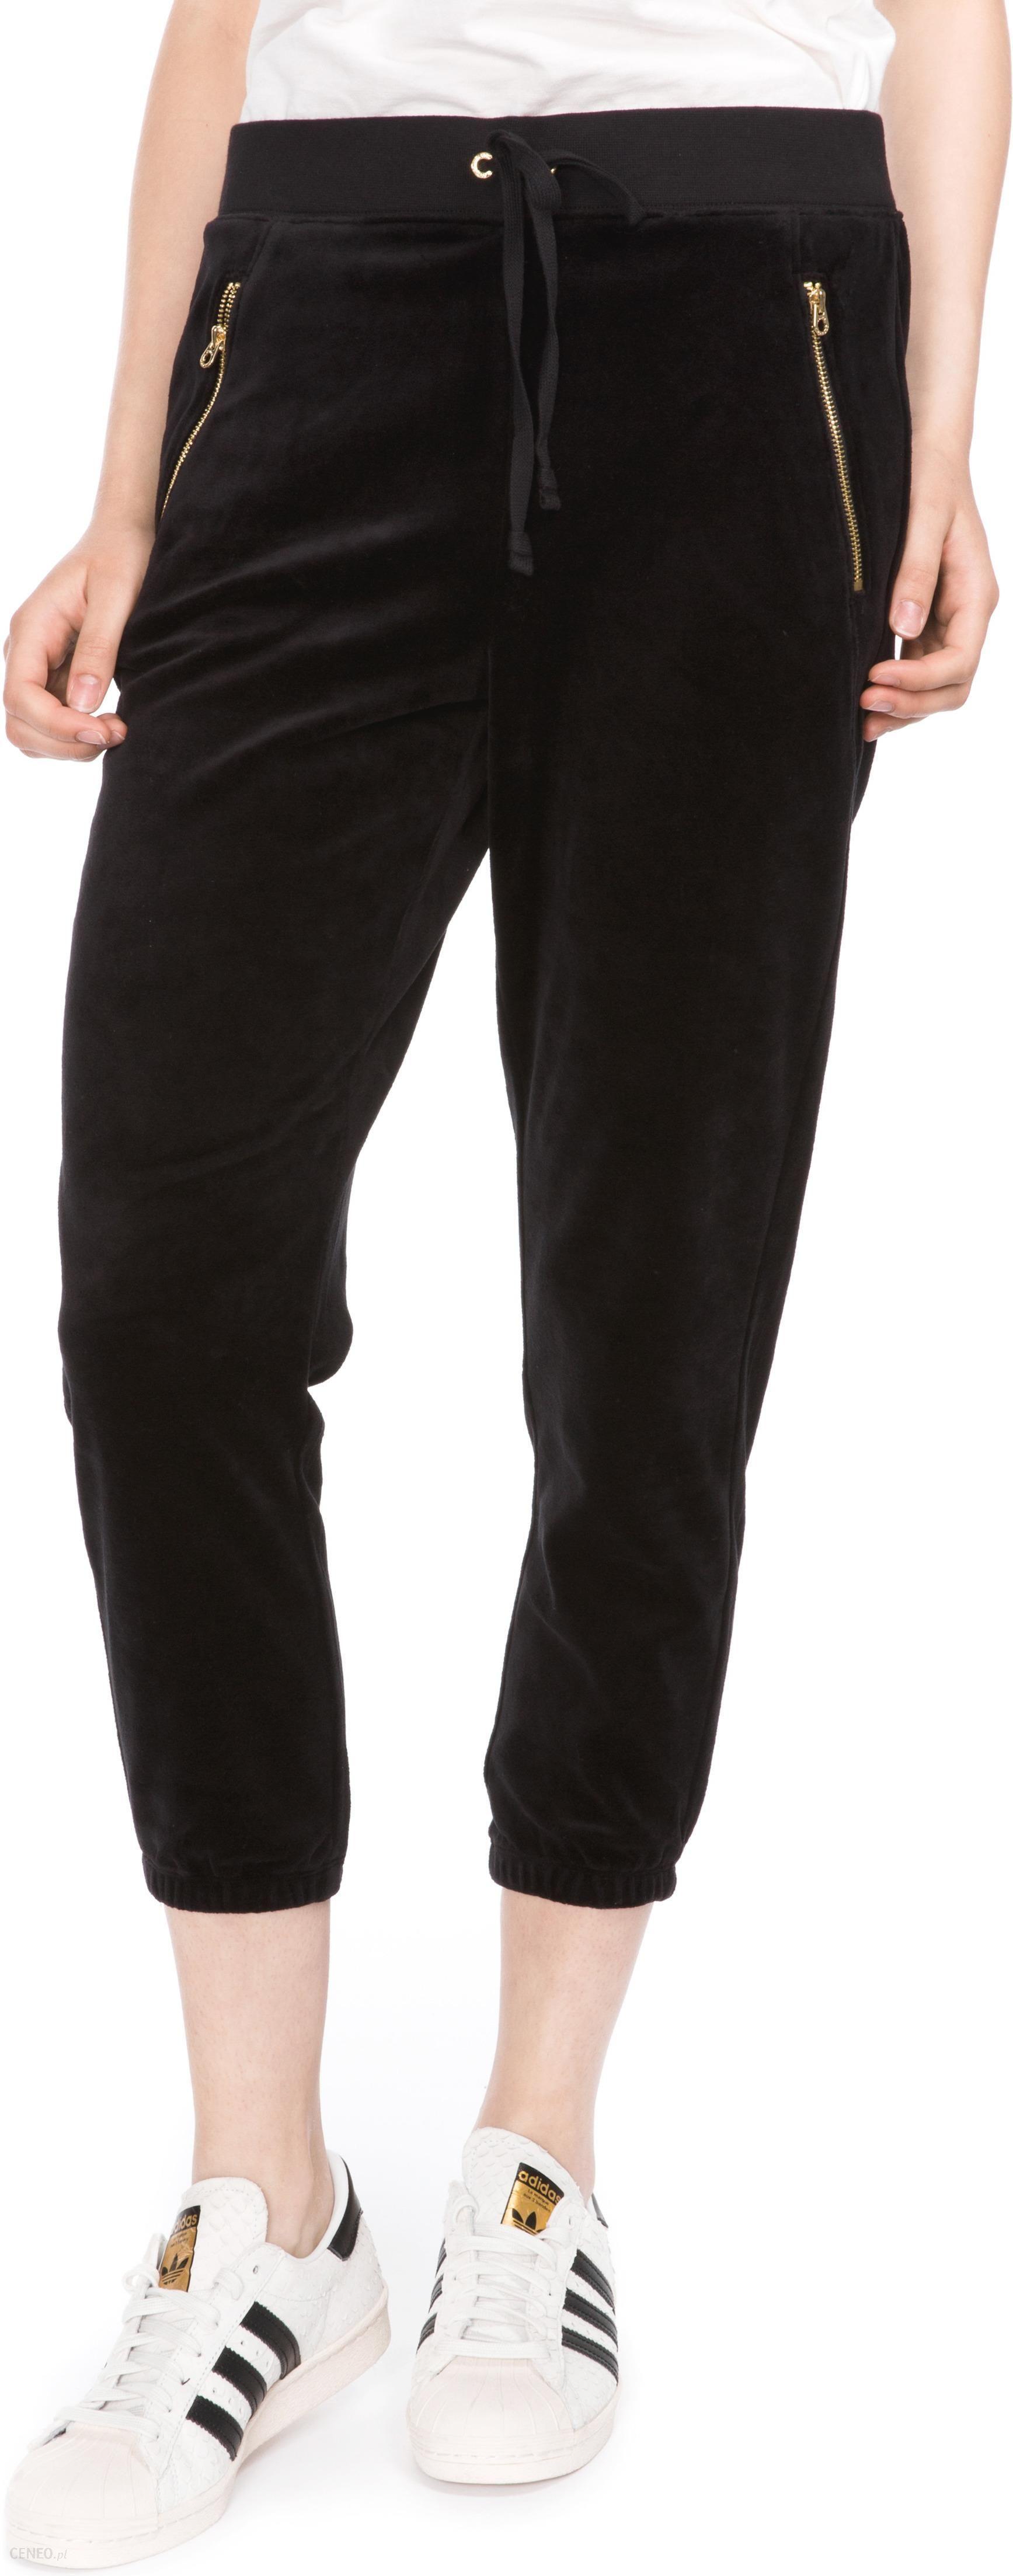 Juicy Couture Spodnie dresowe Czarny XS Ceny i opinie Ceneo.pl